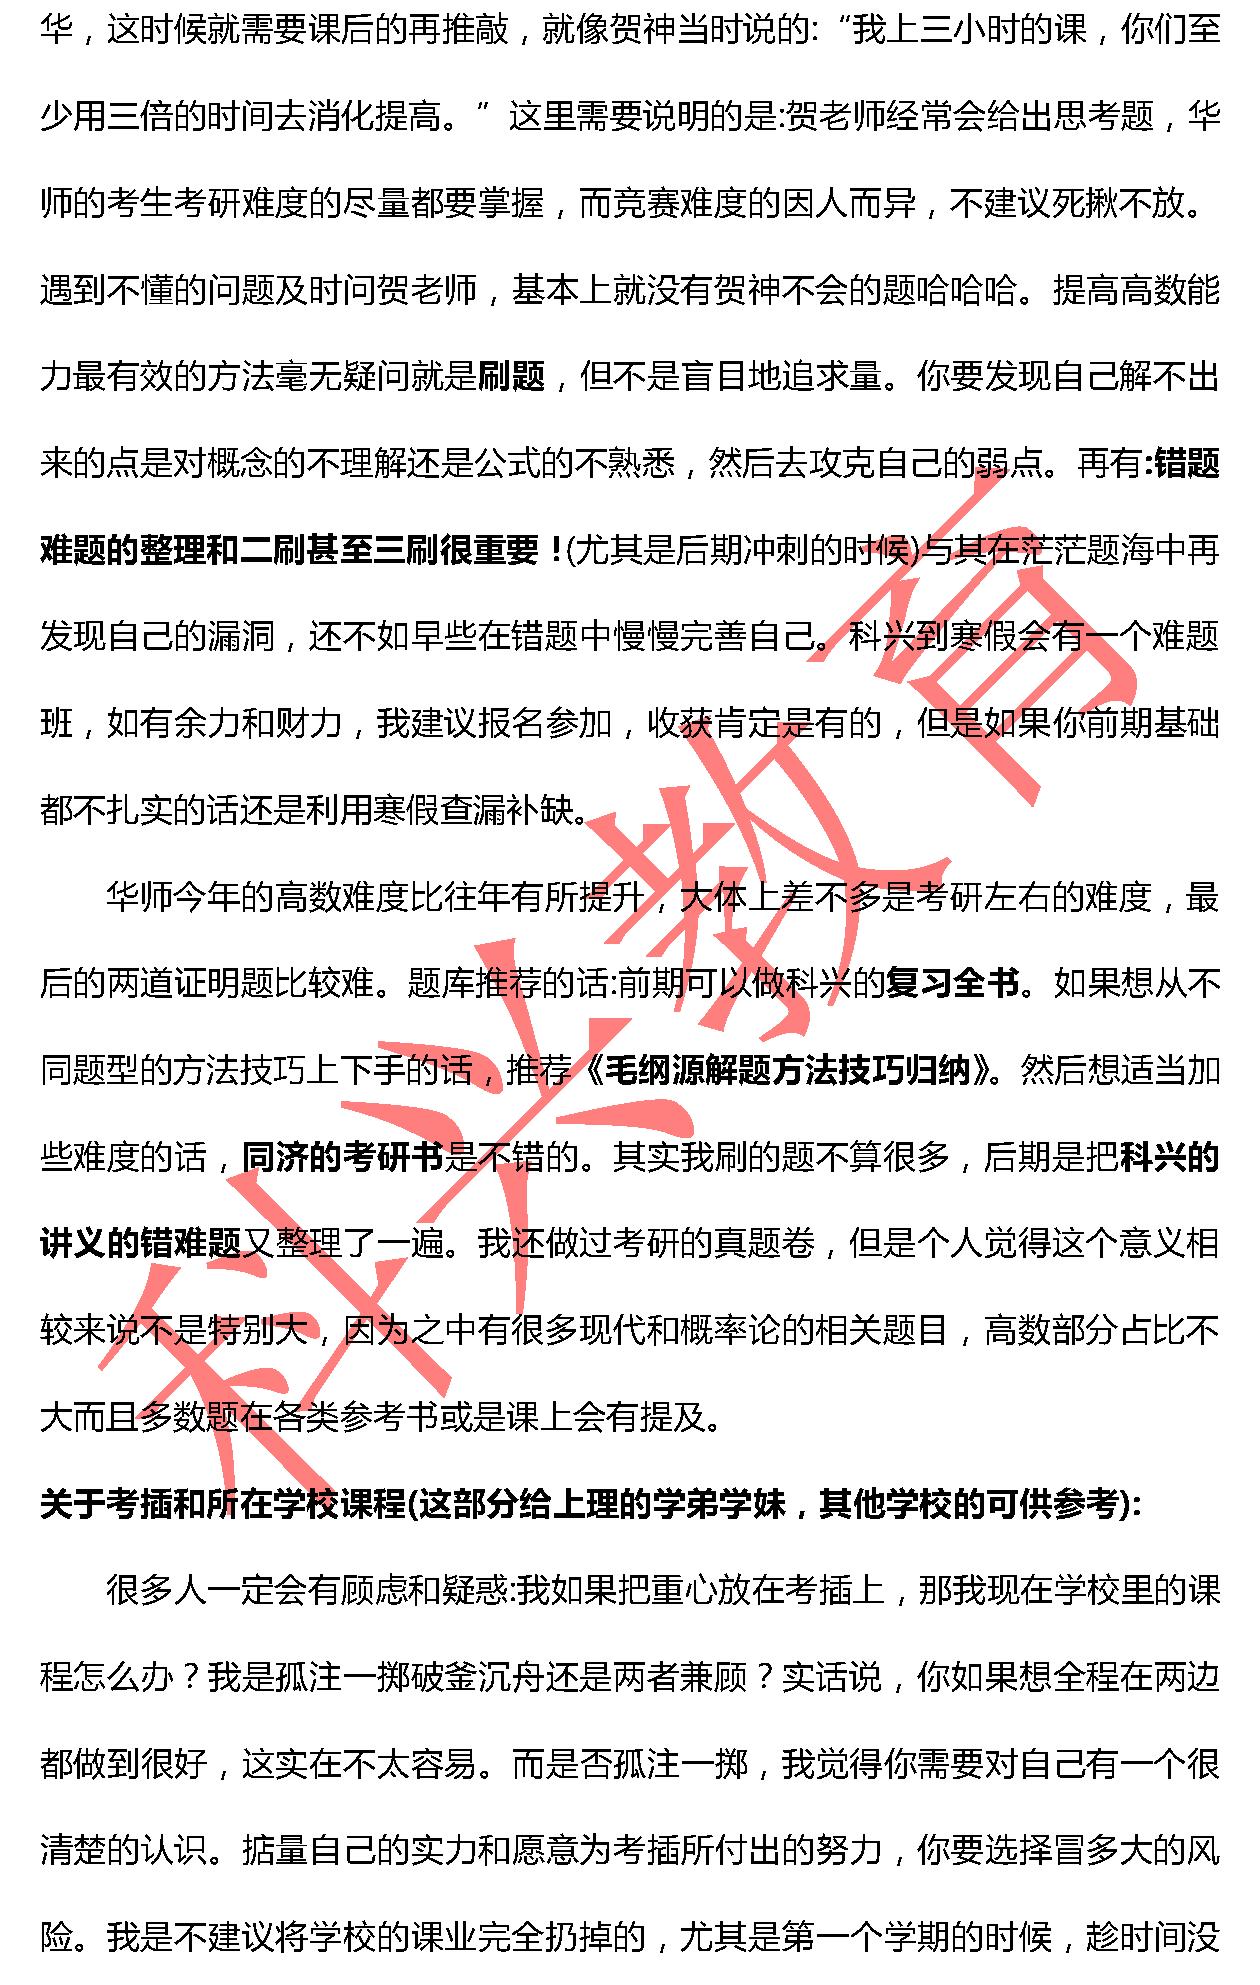 华师雷雅婧:无悔青春,砥砺前行(18届)